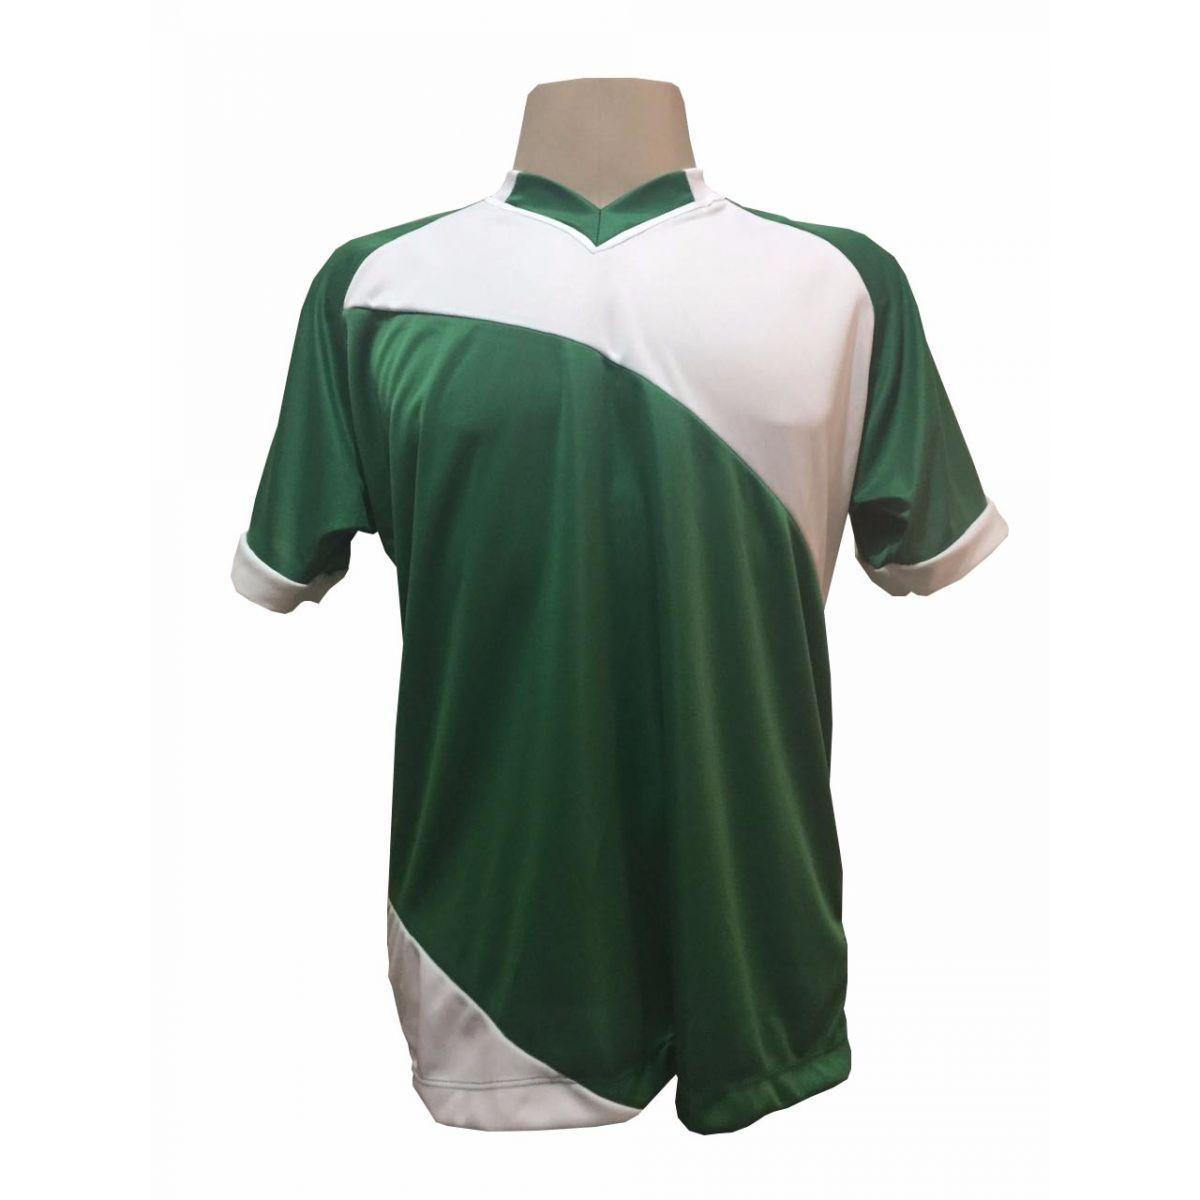 Jogo de Camisa com 20 unidades modelo Bélgica Verde/Branco + Brindes